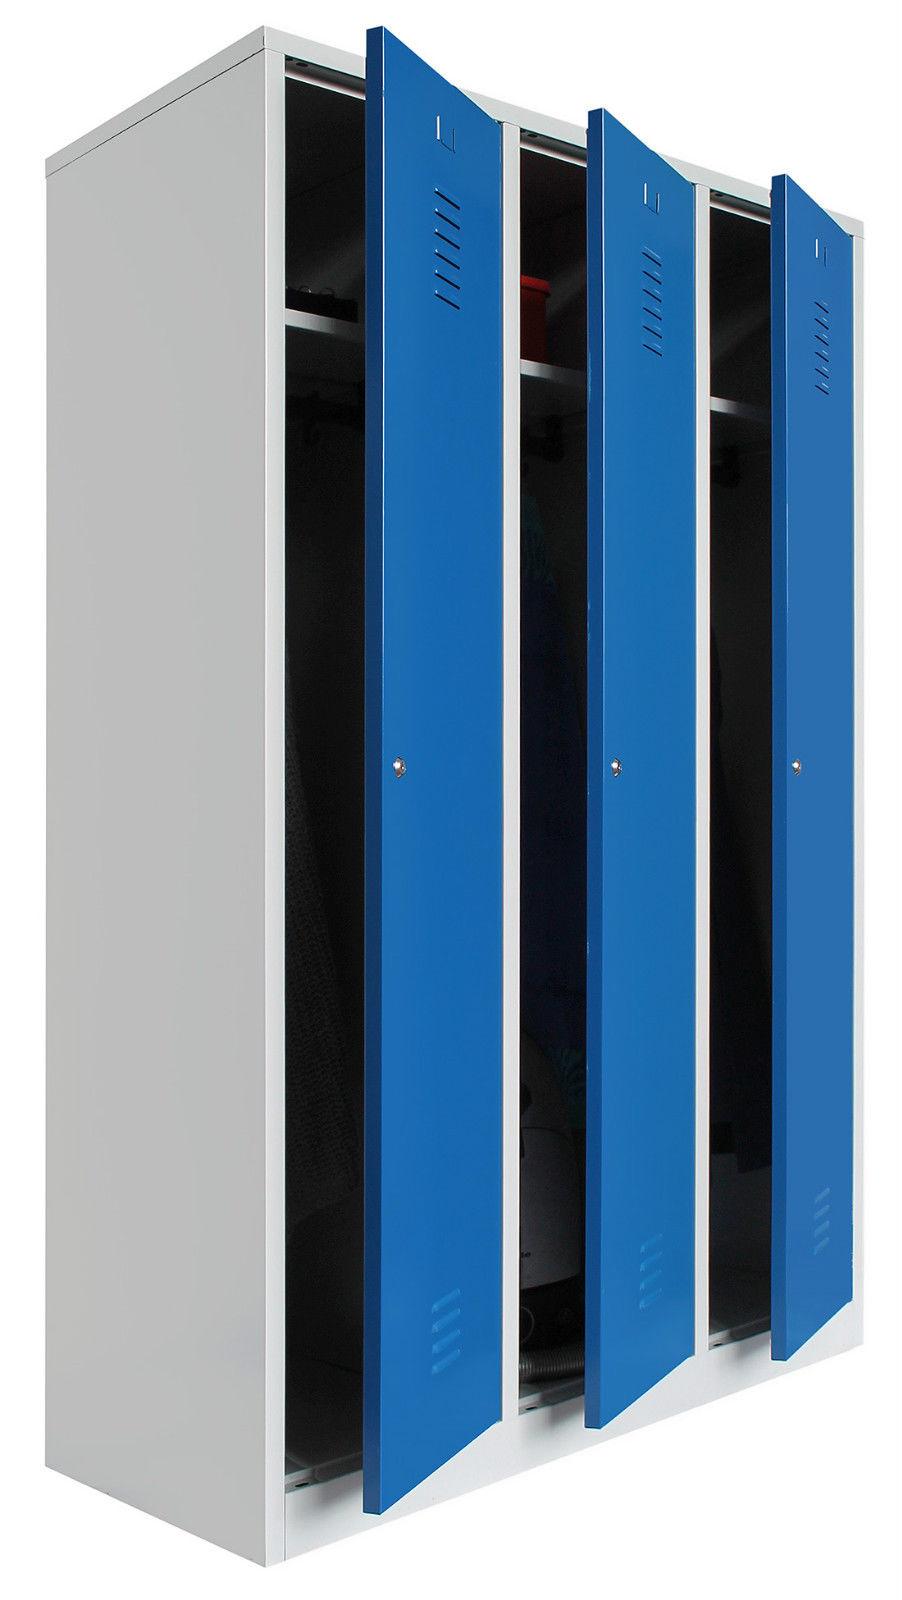 Kleiderspind Umkleidespind Doppelspind Spint Trennwand Reine/unreine Seite Blau Kunden Zuerst Medizin & Labor